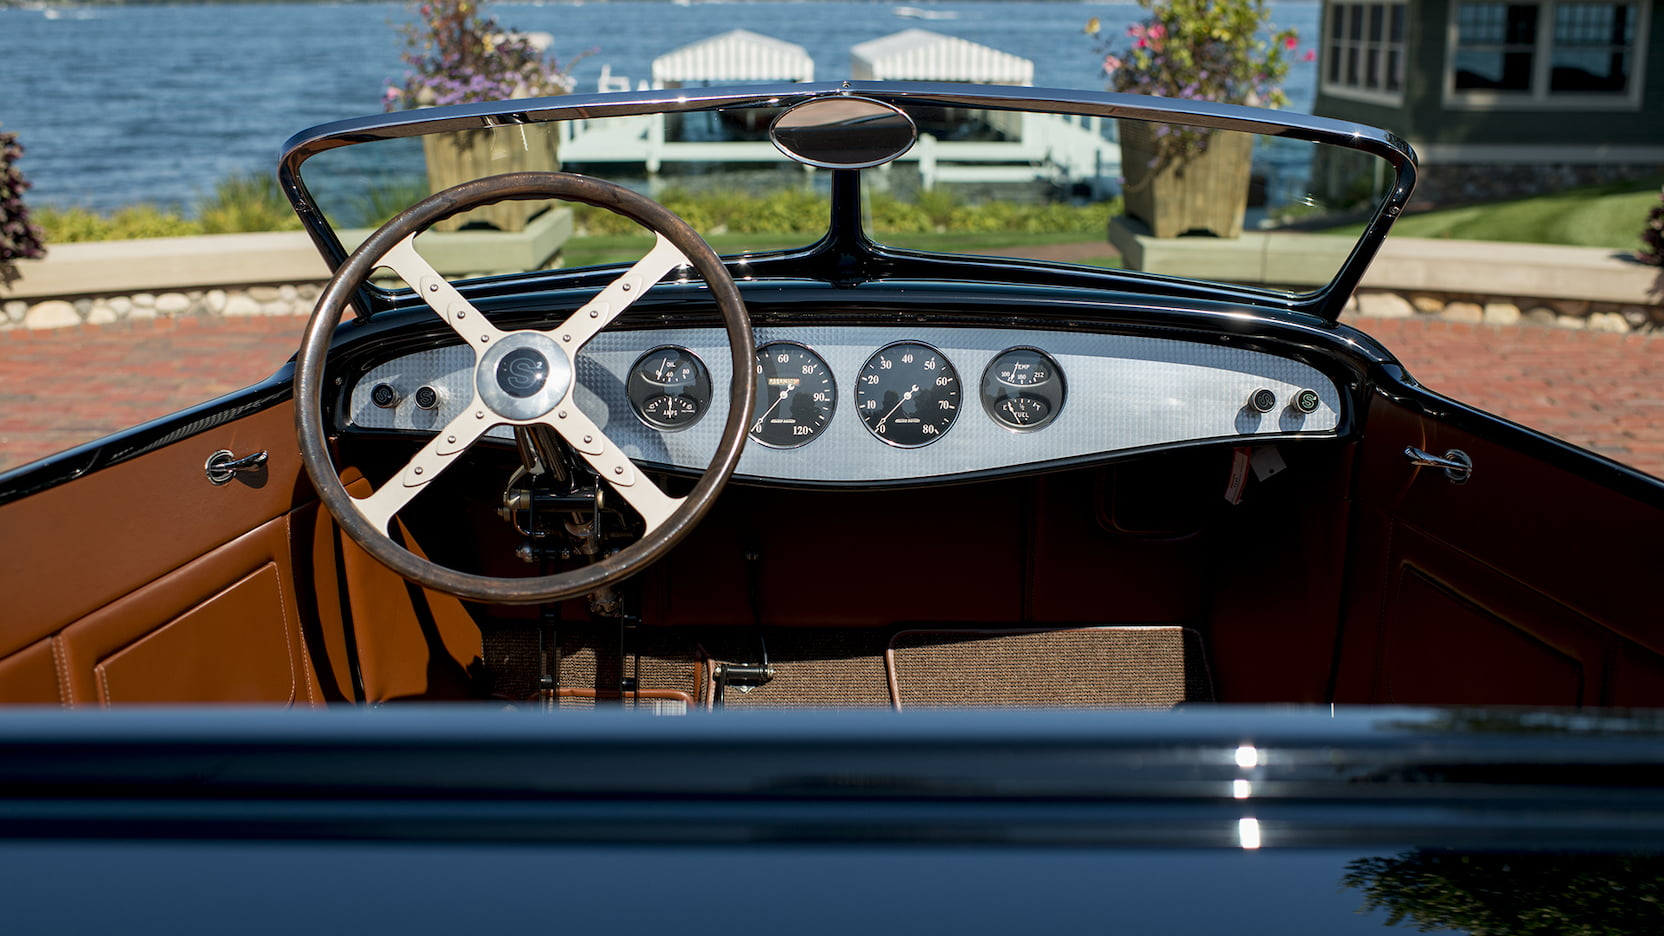 Ford HI-BOY Roadster Spancer II 1932